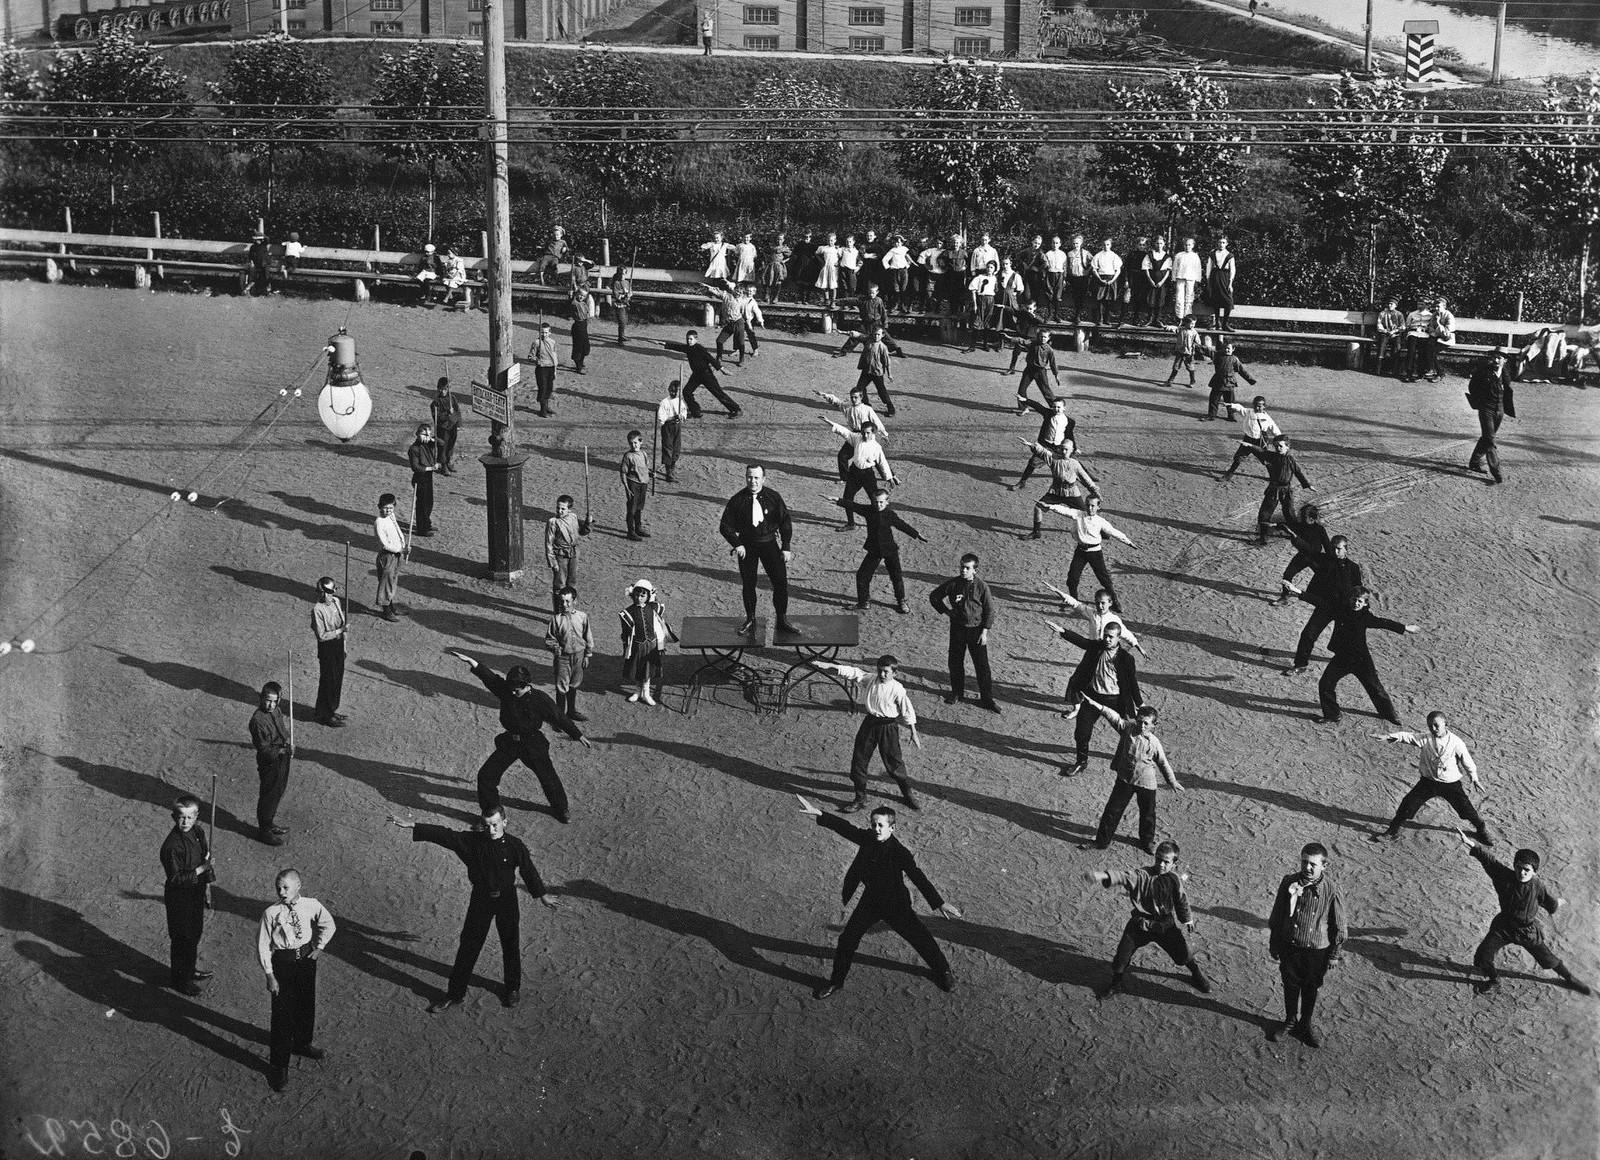 1909. Руководитель курсов физического развития детей В.П.Крестьянсон, организовавший упражнения в шведской гимнастике